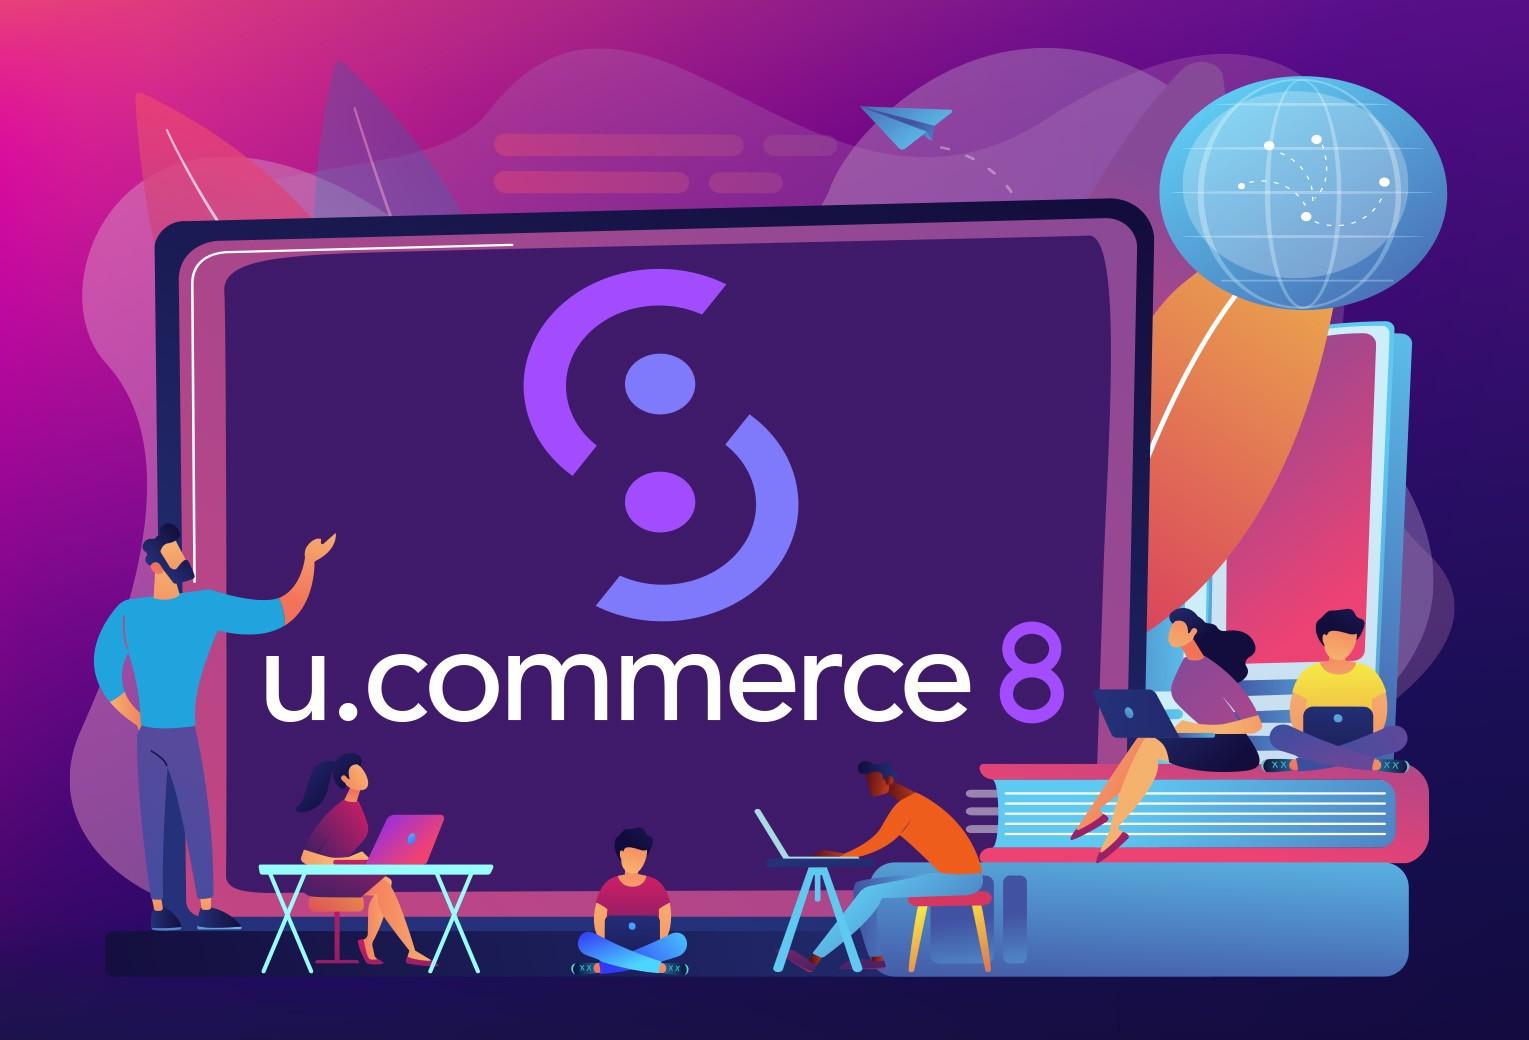 u.commerce 8